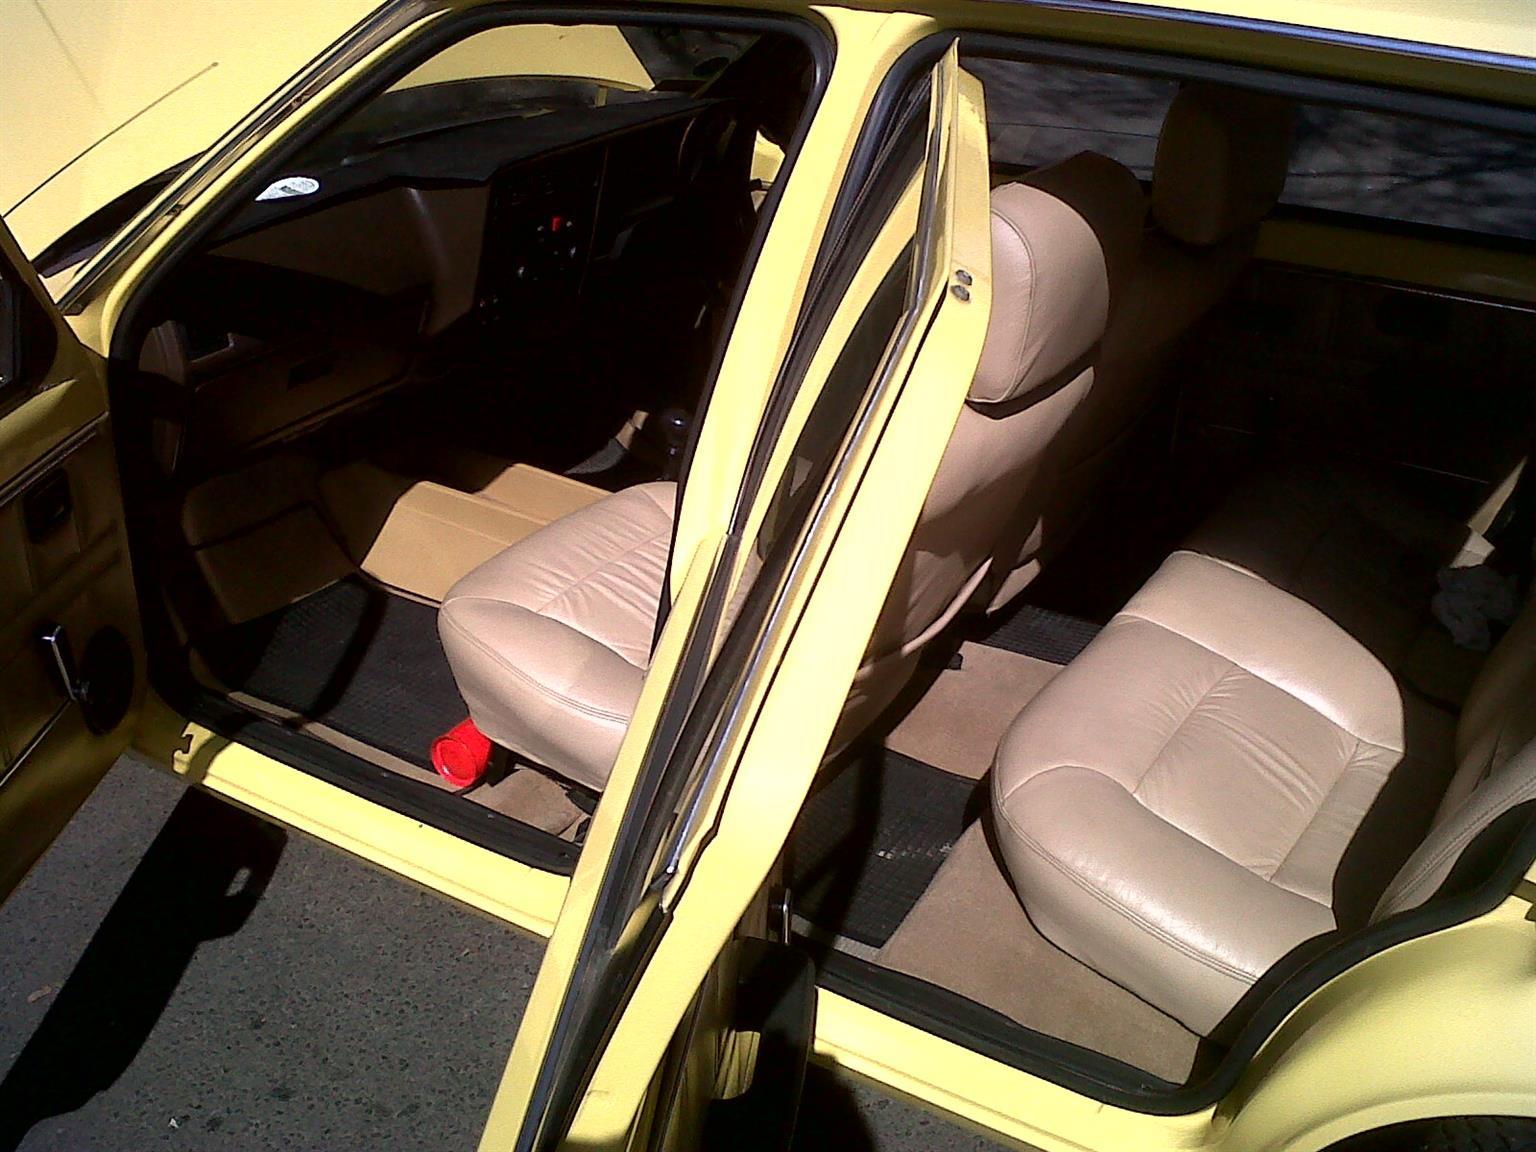 1982 Opel Kadett